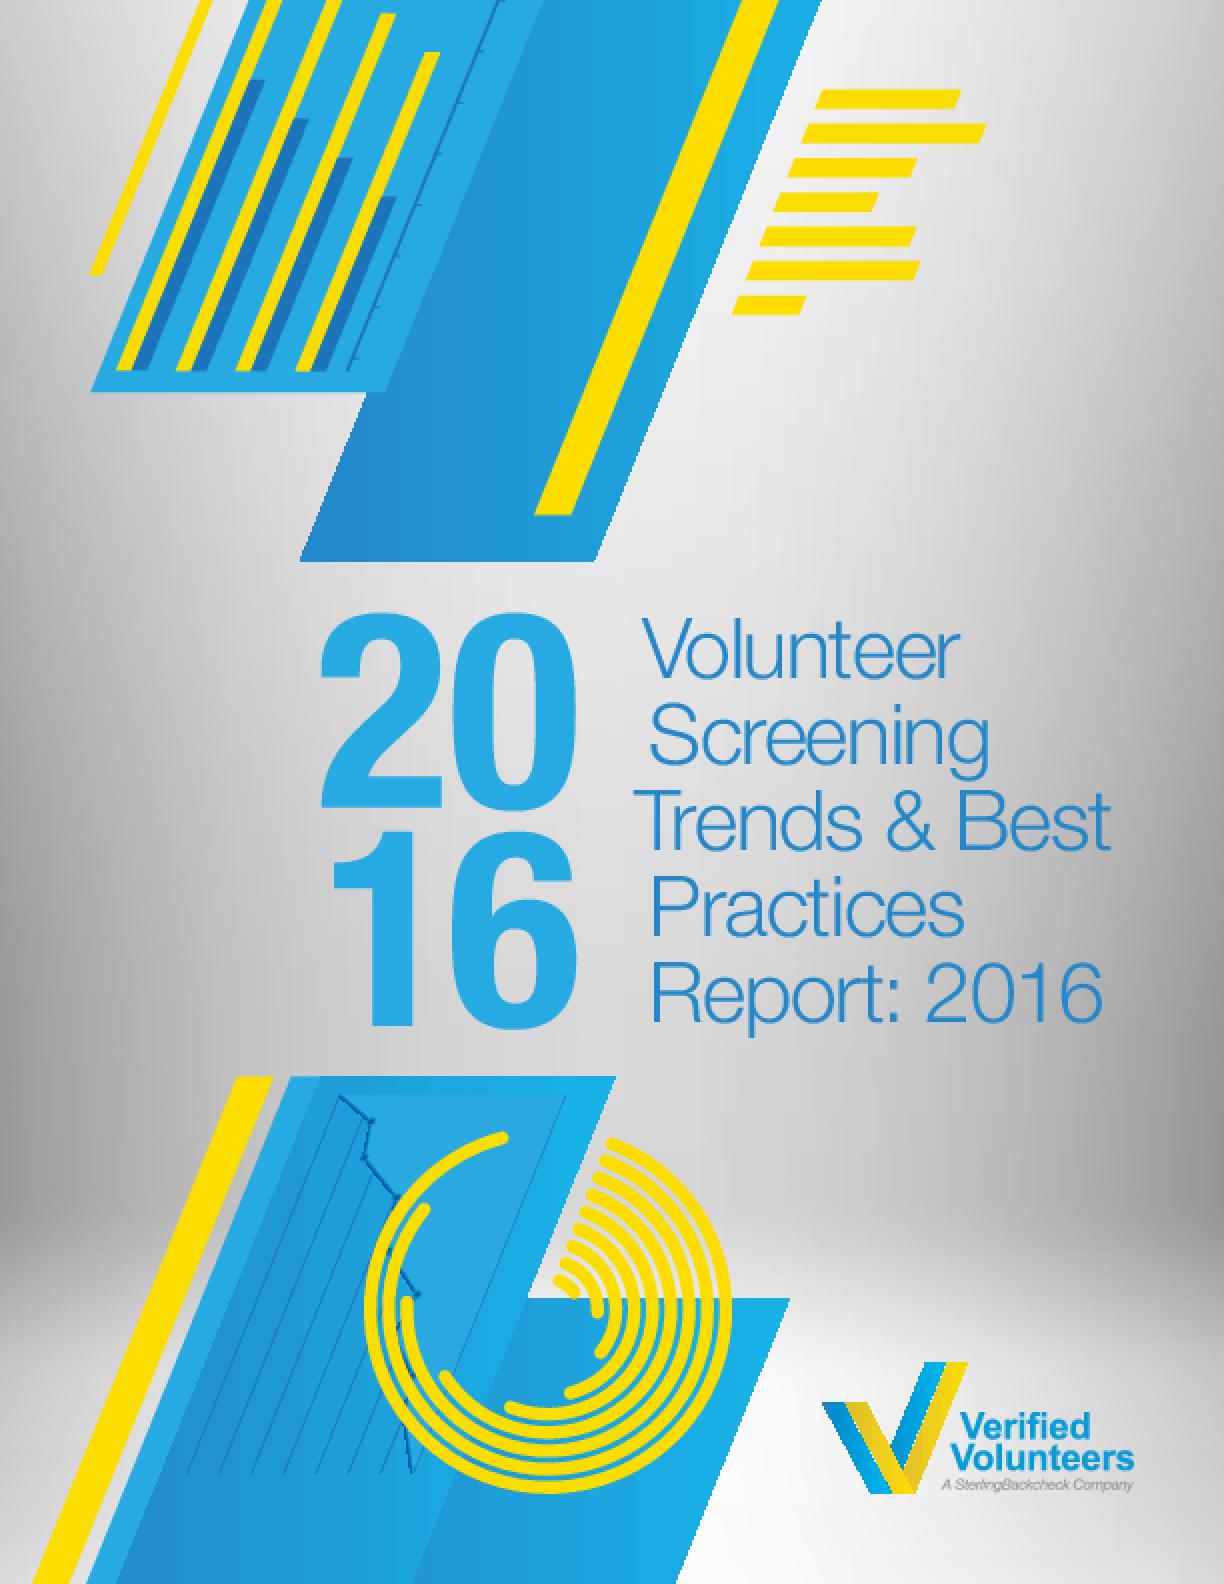 Volunteer Screening Trends and Best Practices Report: 2016